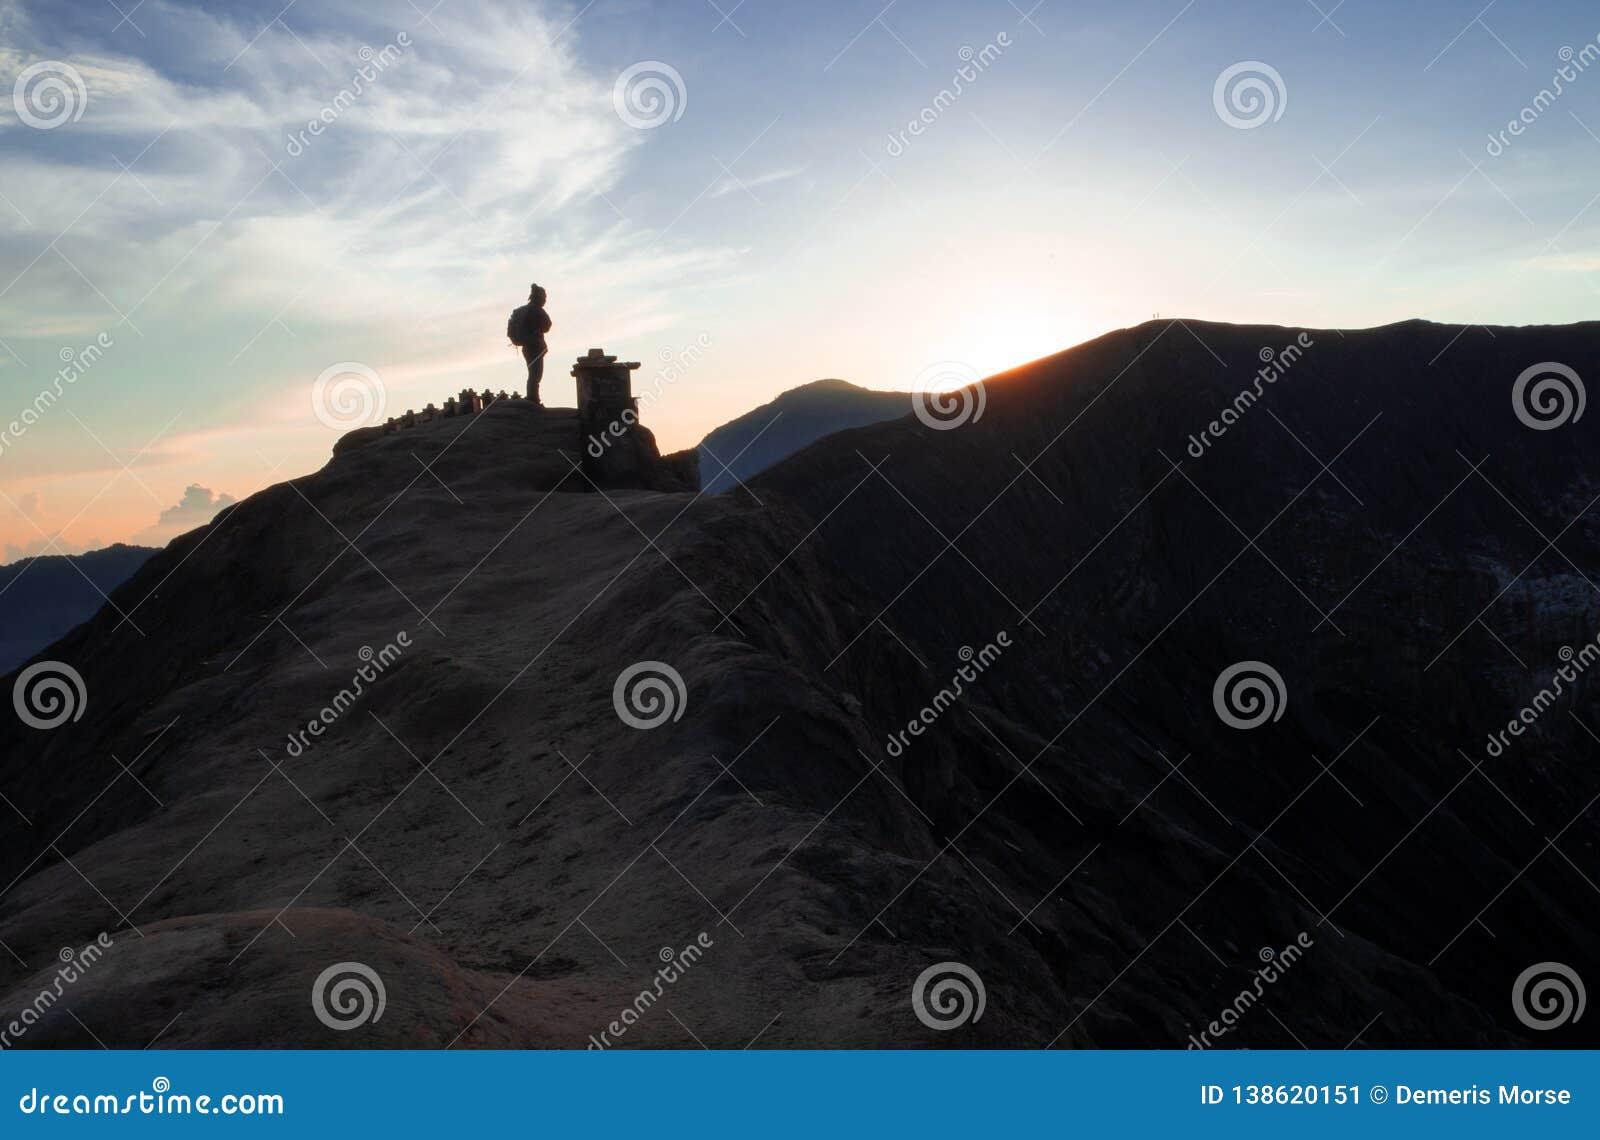 El caminante mira salida del sol sobre el soporte Bromo, Java, Indonesia